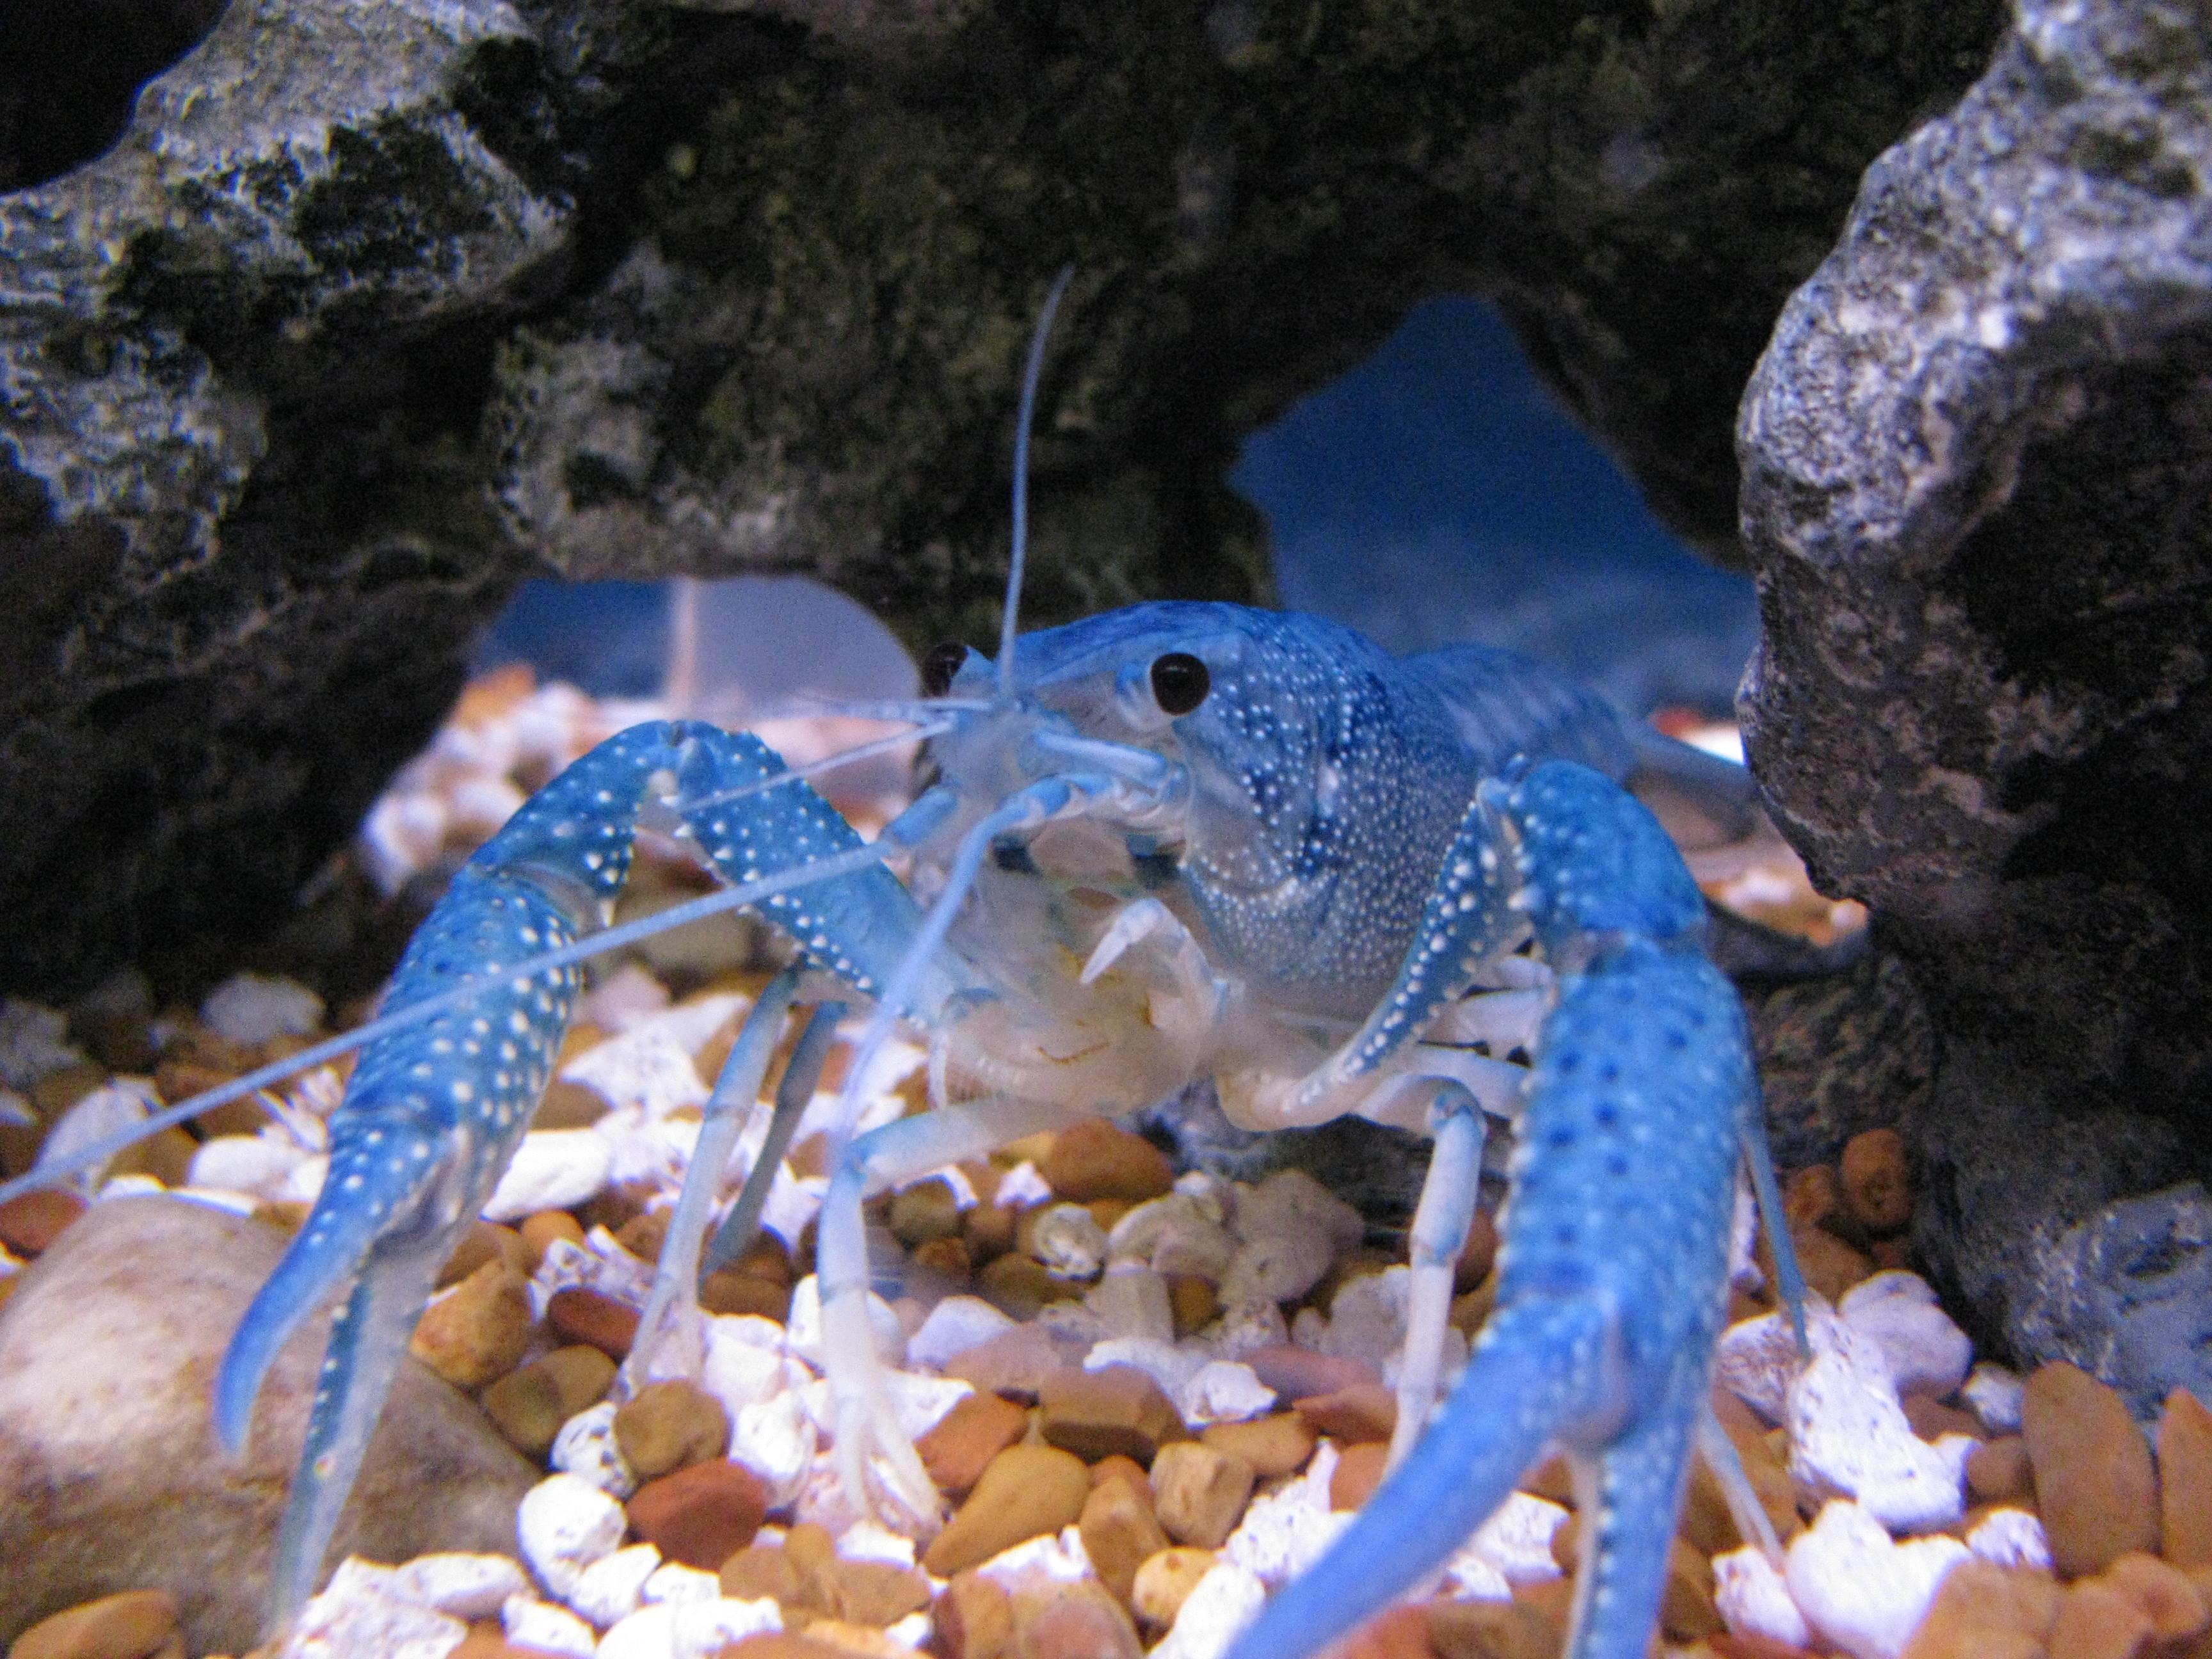 Most exotic freshwater aquarium fish land of fish for Blue fish aquarium